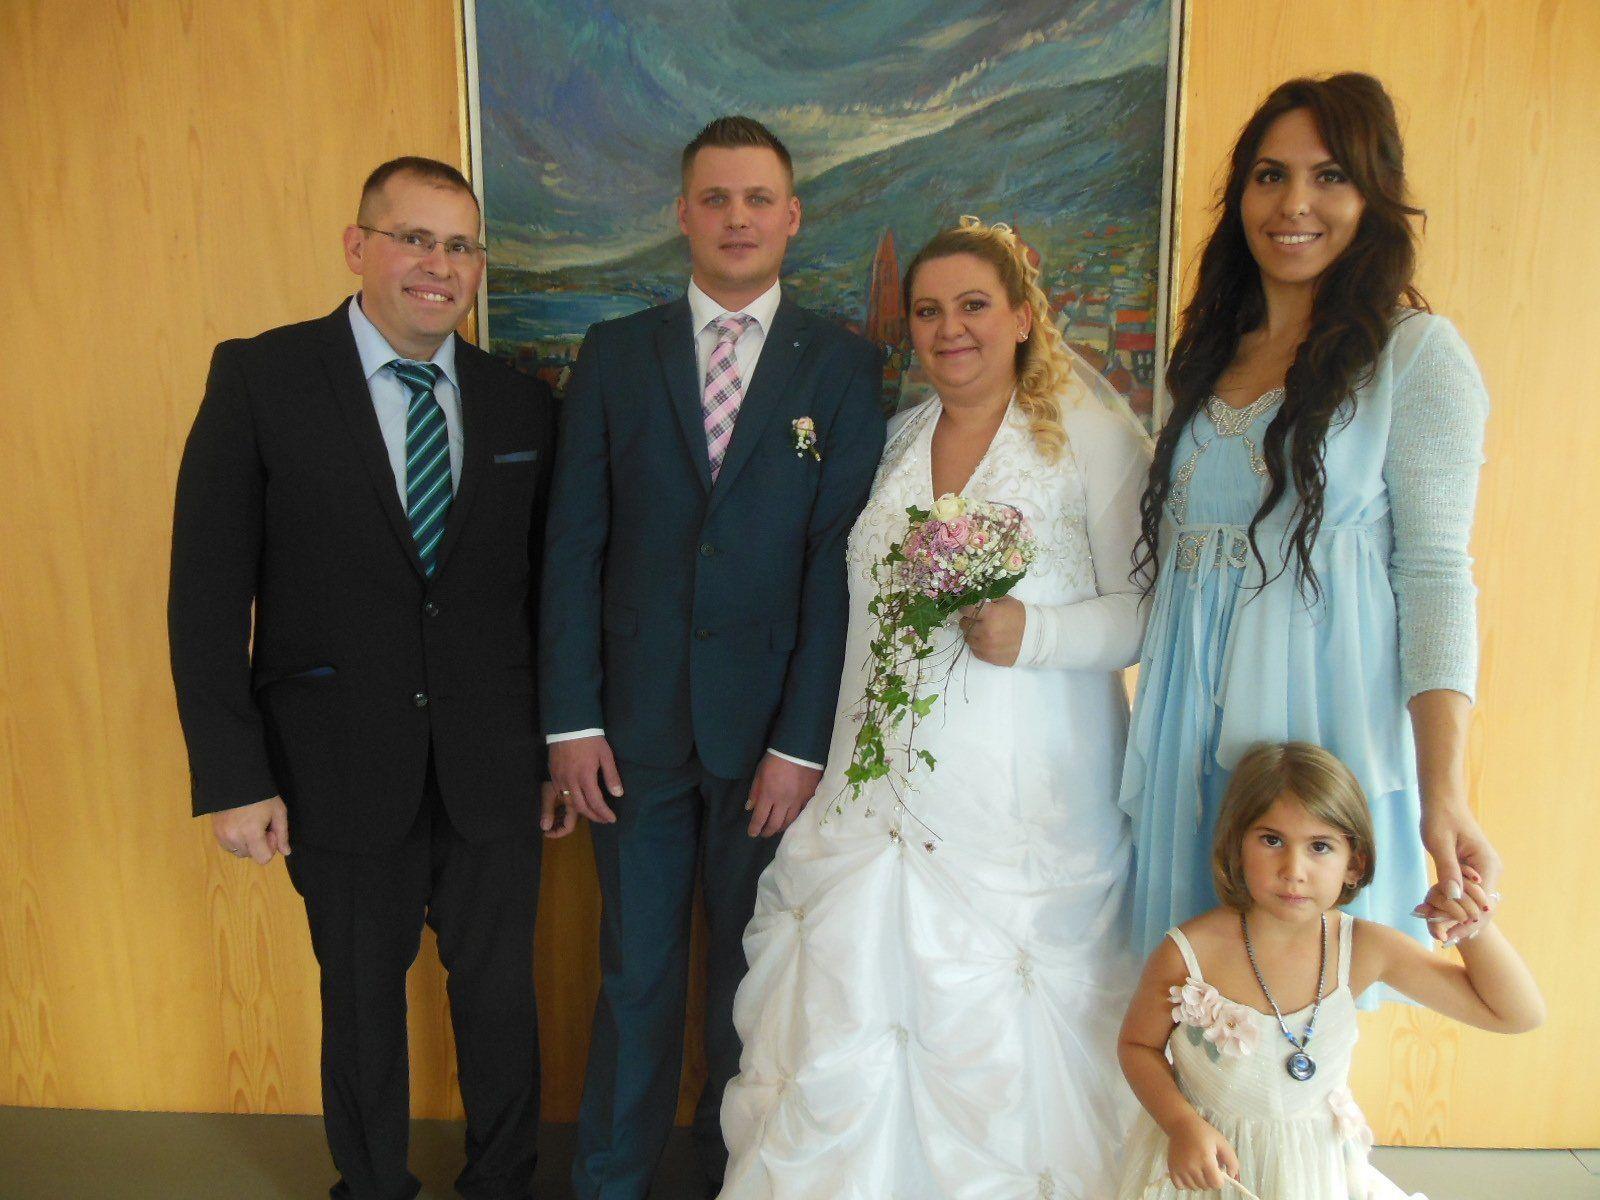 Das glückliche Paar mit den Trauzeugen und der kleinen Franziska.